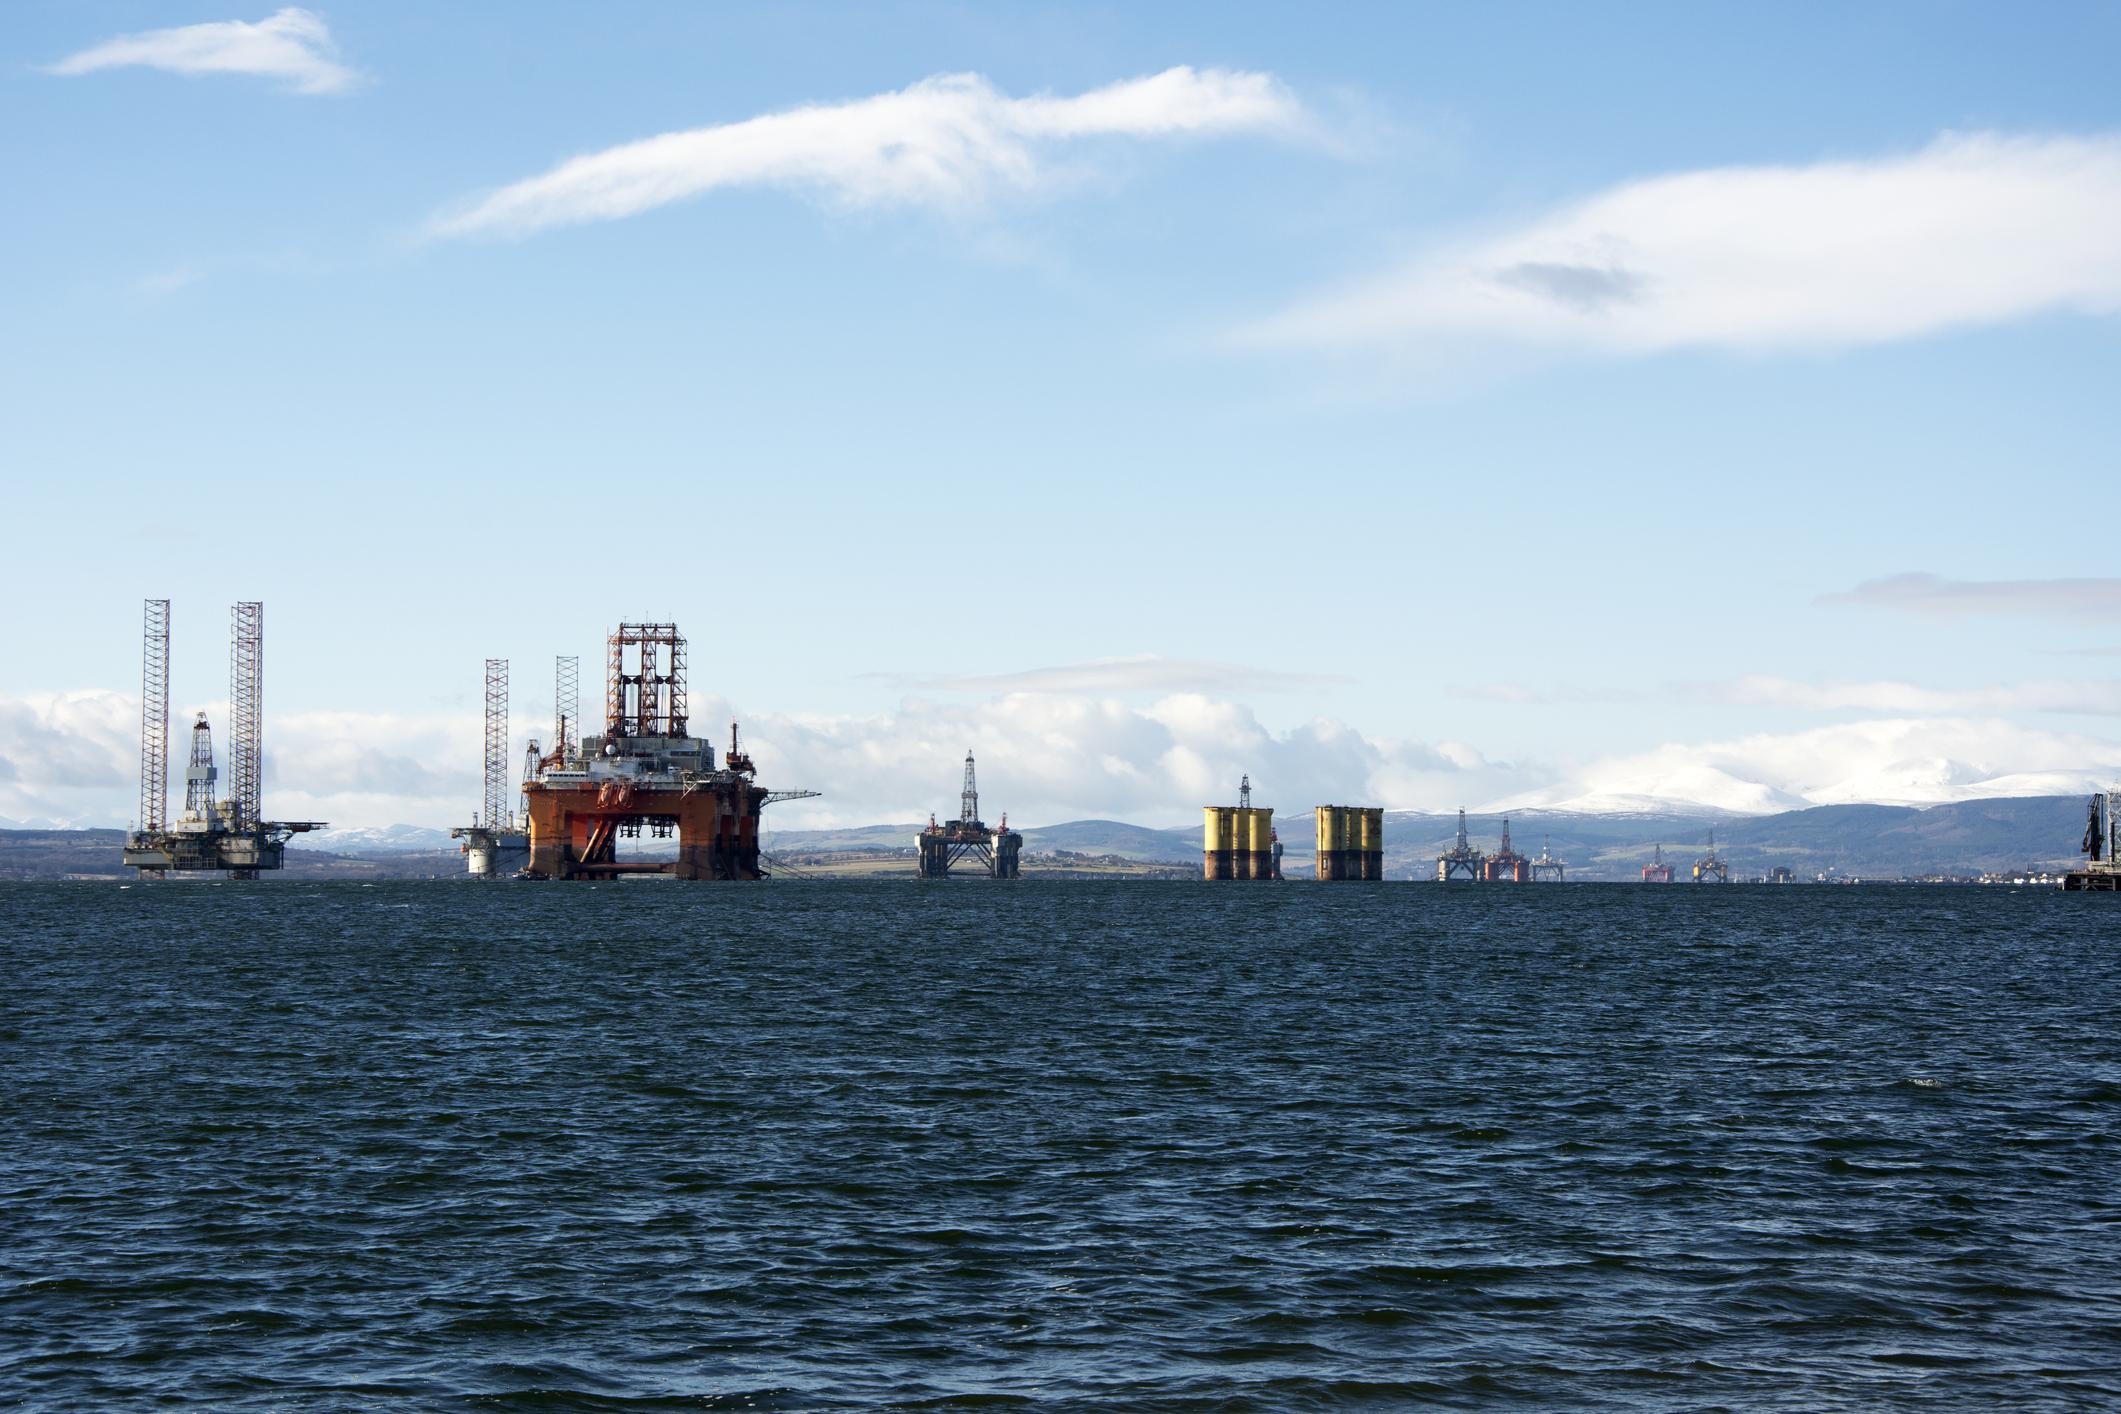 Offshore rig fleet in port.